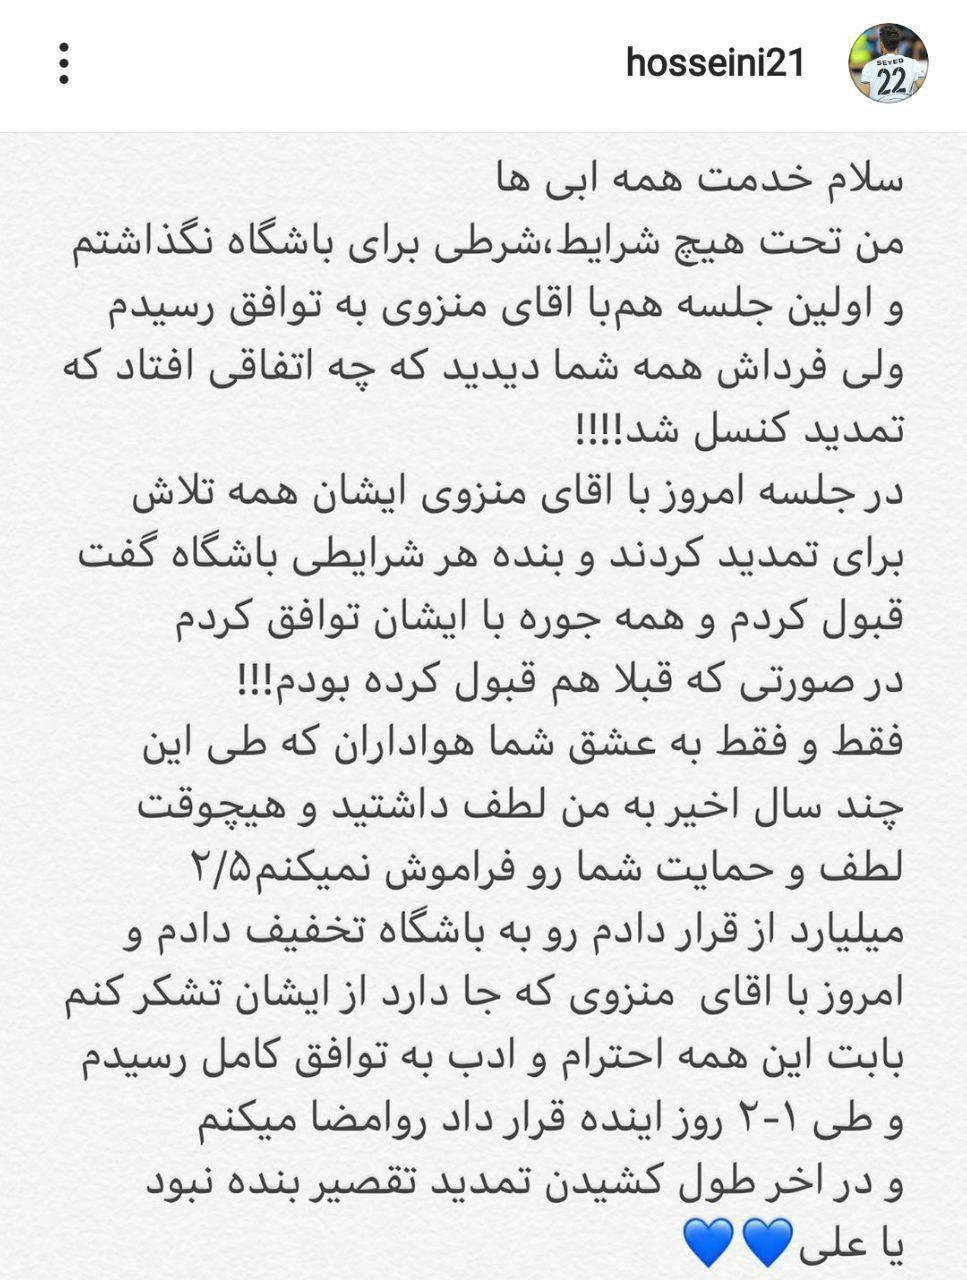 پست اینستاگرامی سید حسین حسینی پس از توافق با باشگاه استقلال برای تمدید قراردادش